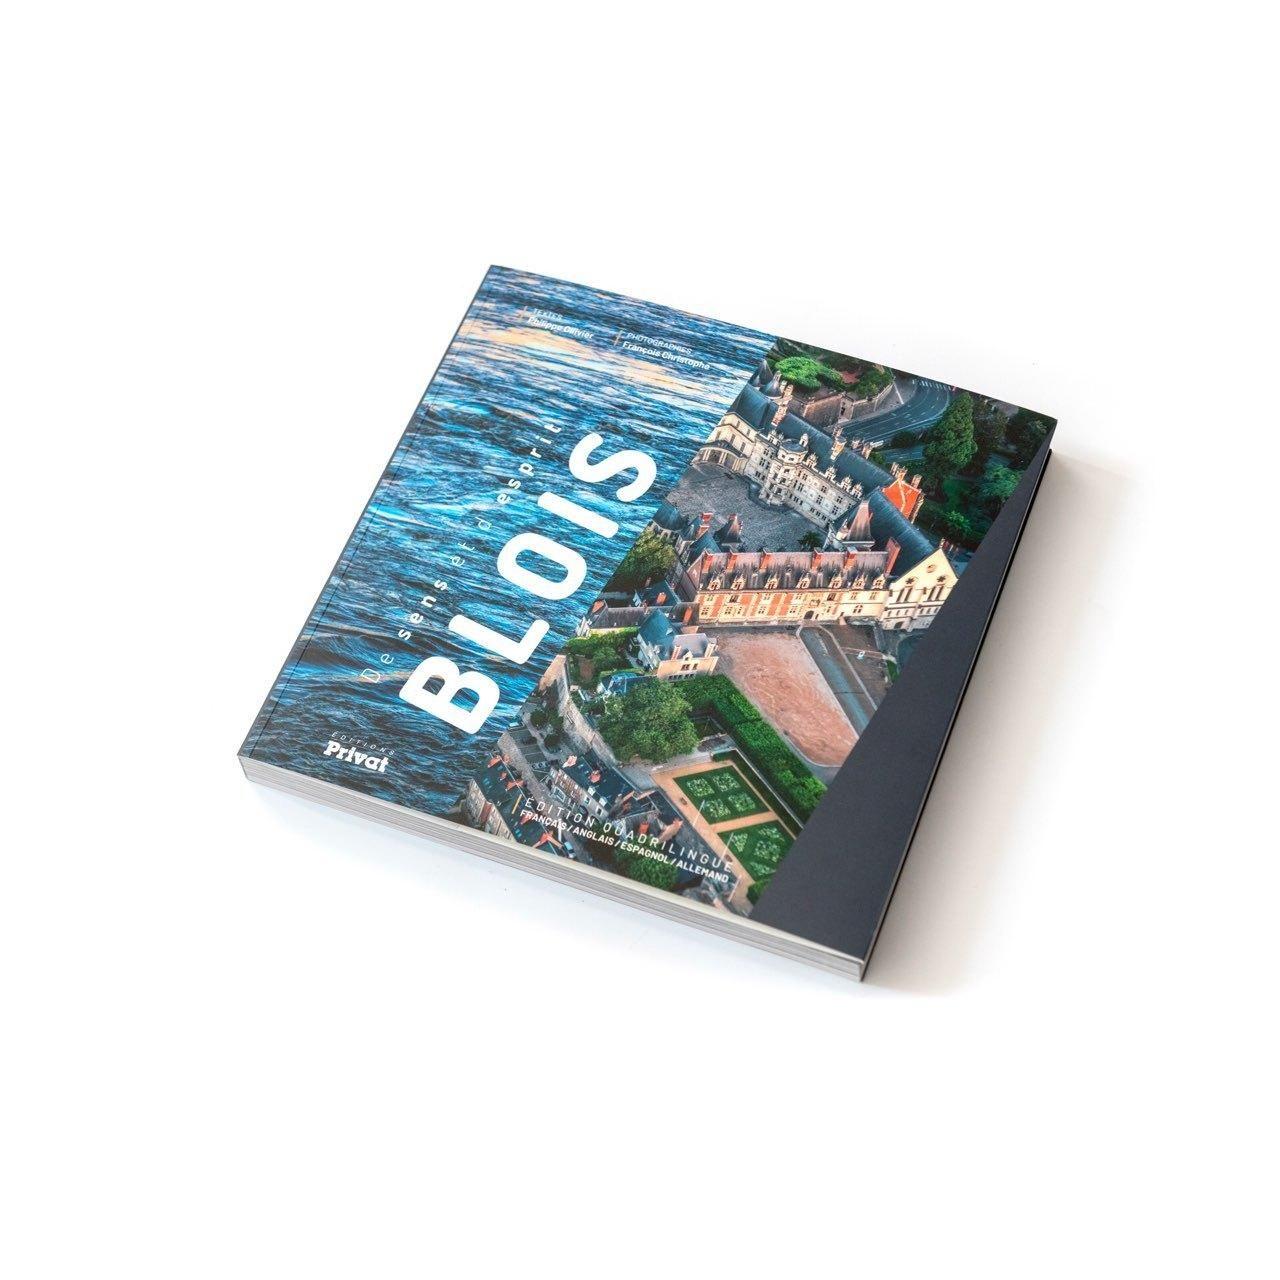 Couverture du livre «Blois, de sens et d'esprit» : l'espace est divisé en deux photos. À gauche, un plan serré des reflets de la Loire, à droite, une vue aérienne du Château royal. Le mot Blois est écrit en grand entre les deux.